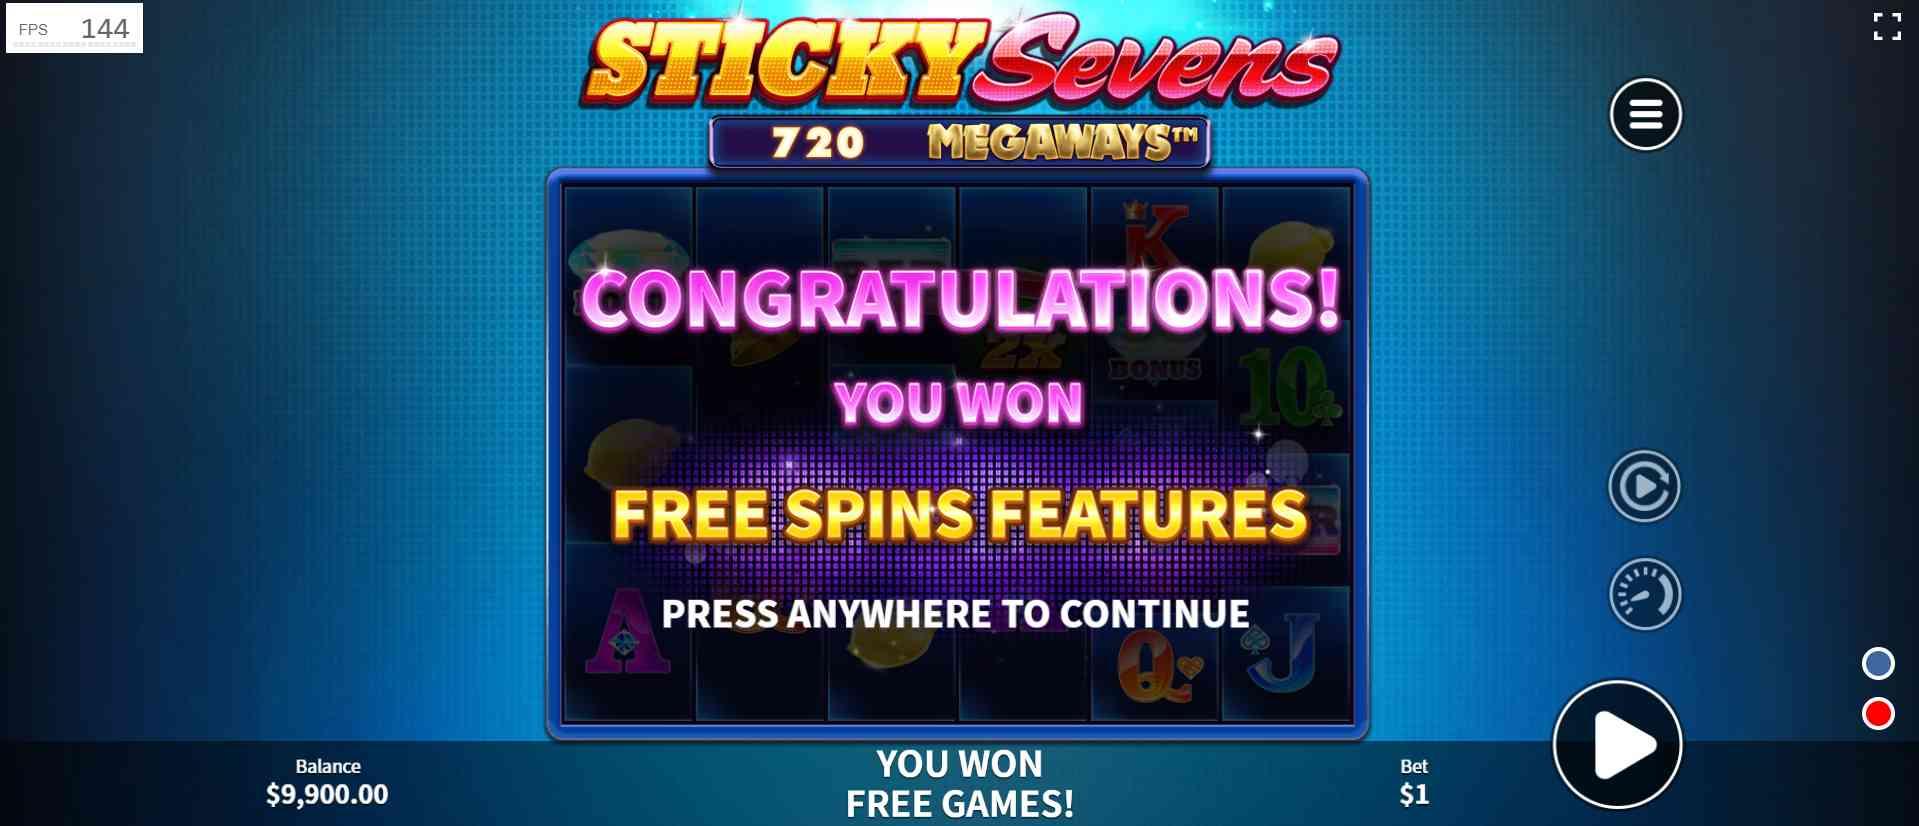 Sticky Sevens Megaways Free Spins-compressed